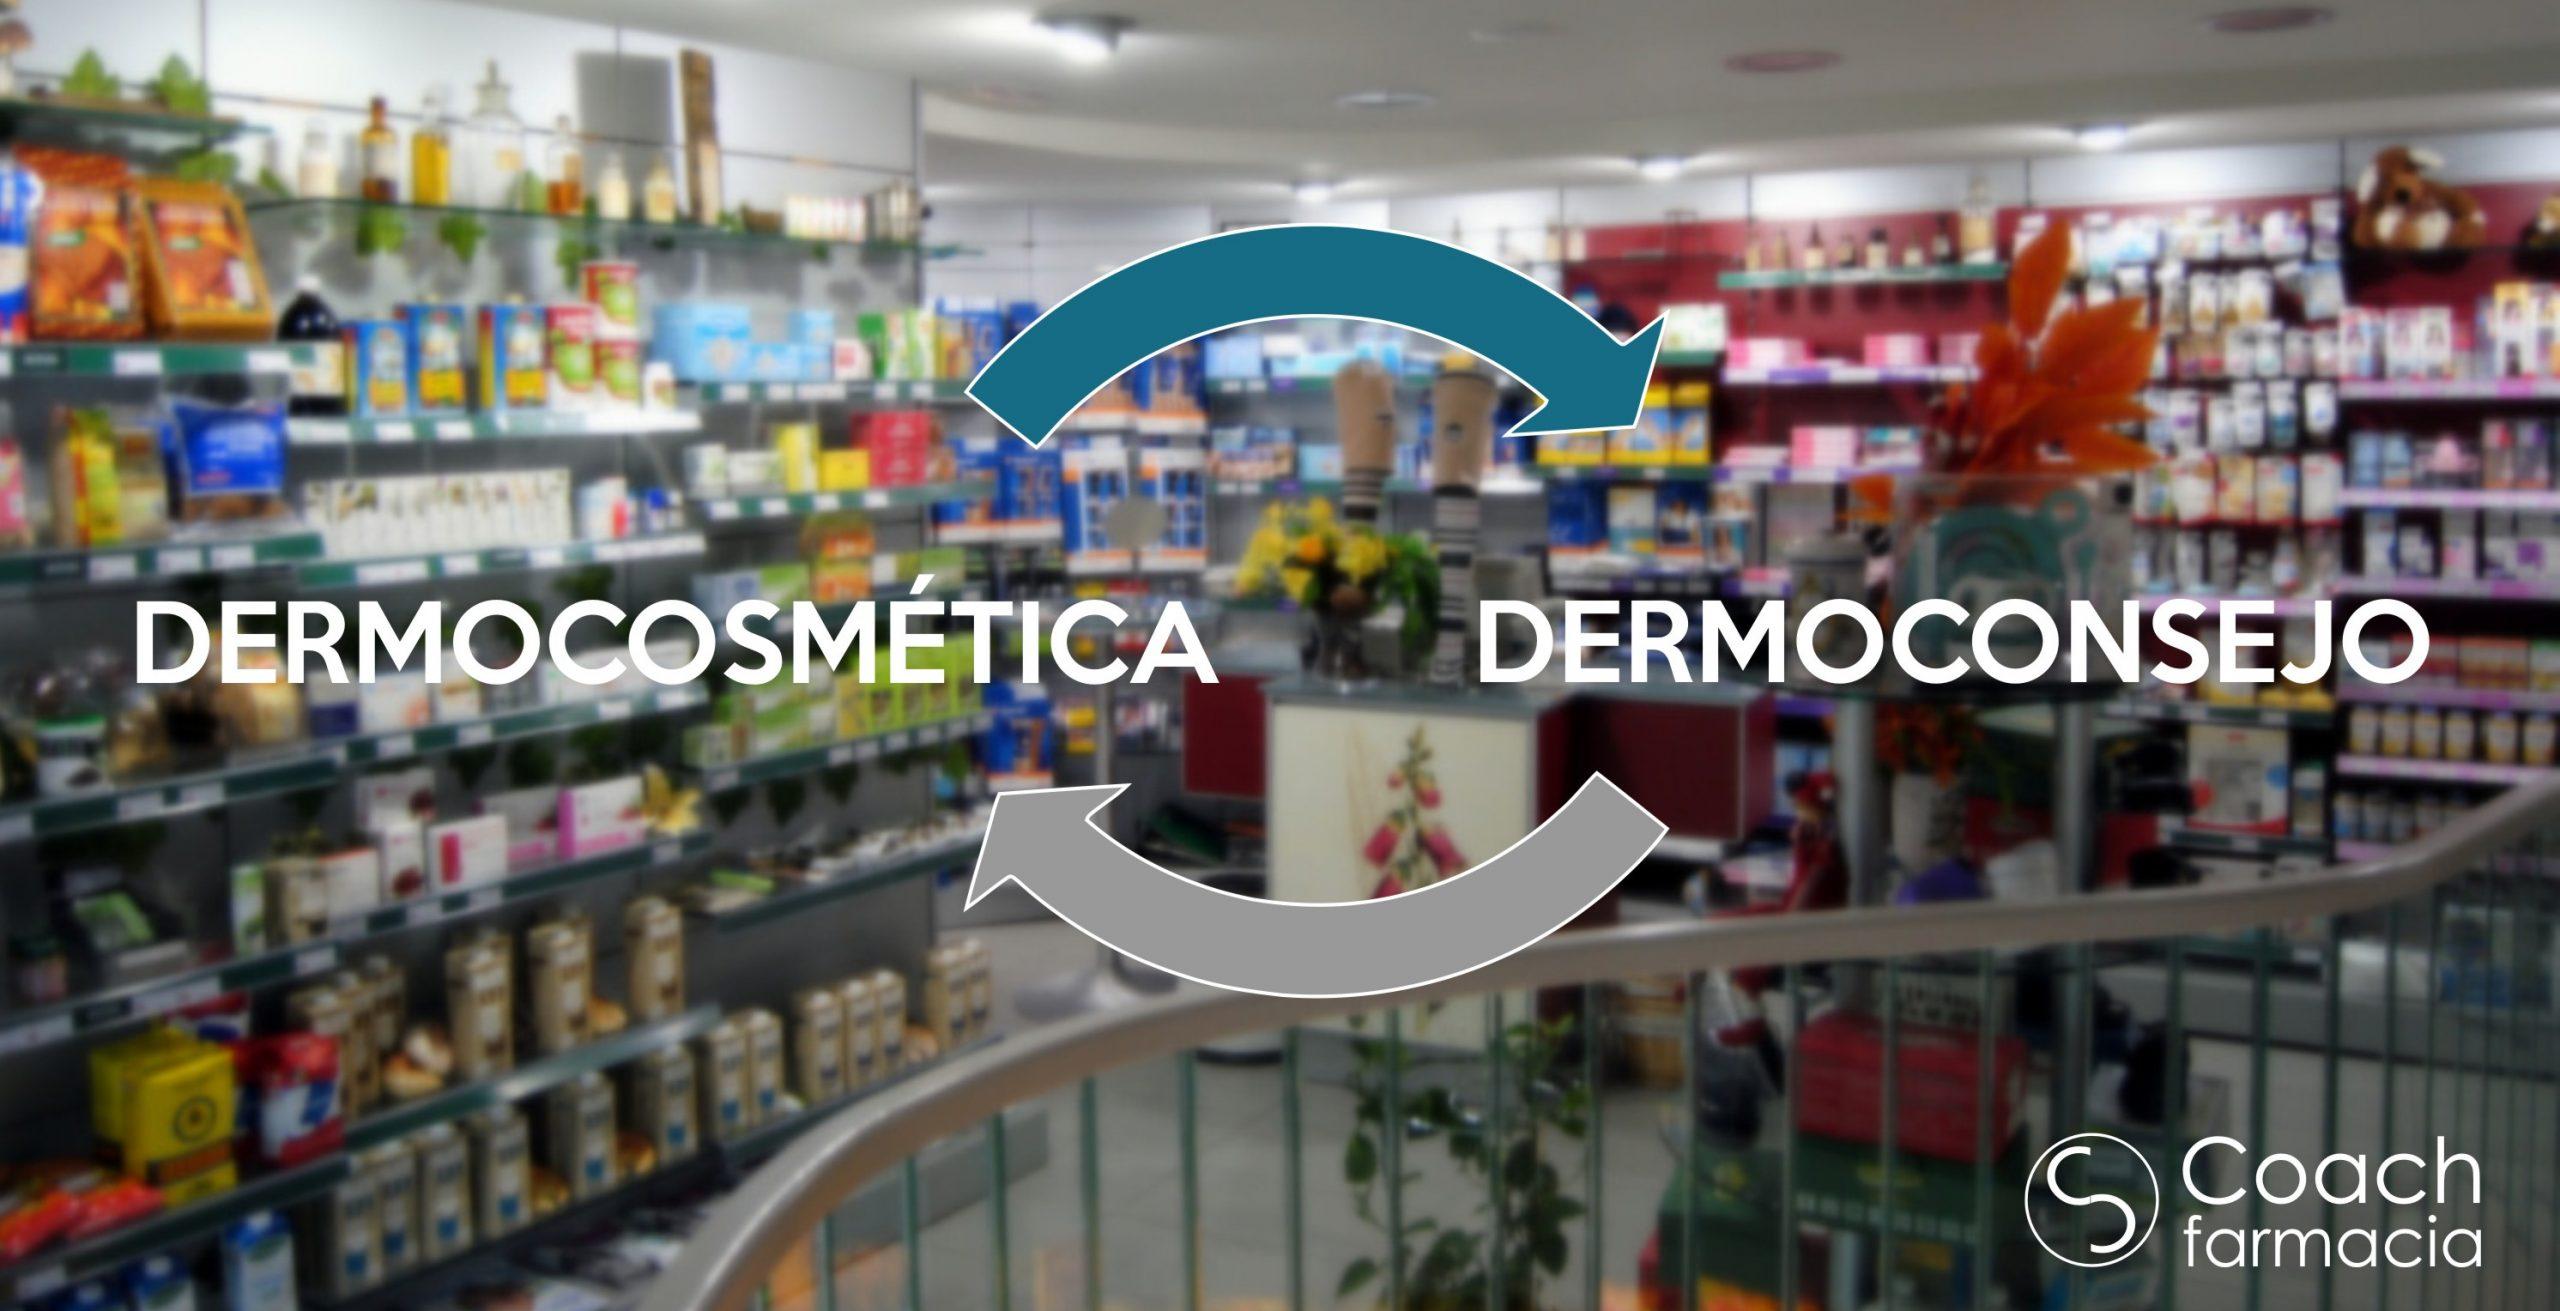 Dermocosmética y Dermo-consejo, mano a mano en la farmacia